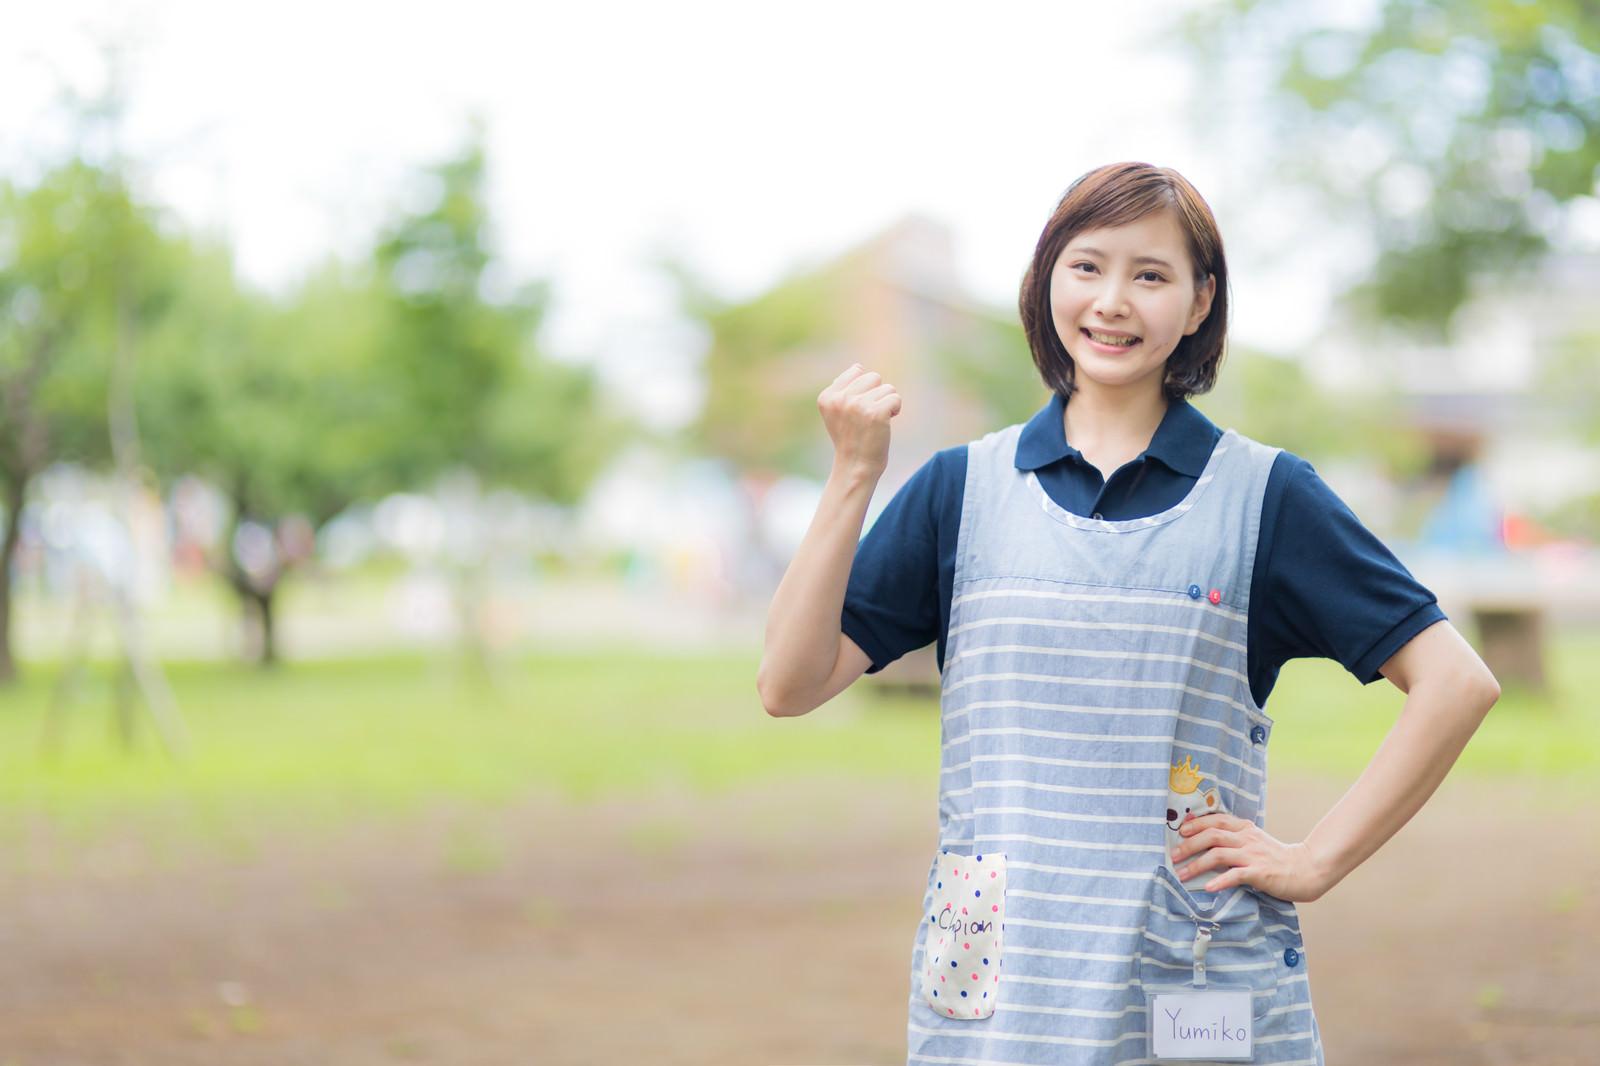 「励ます女性ヘルパー」の写真[モデル:yumiko]